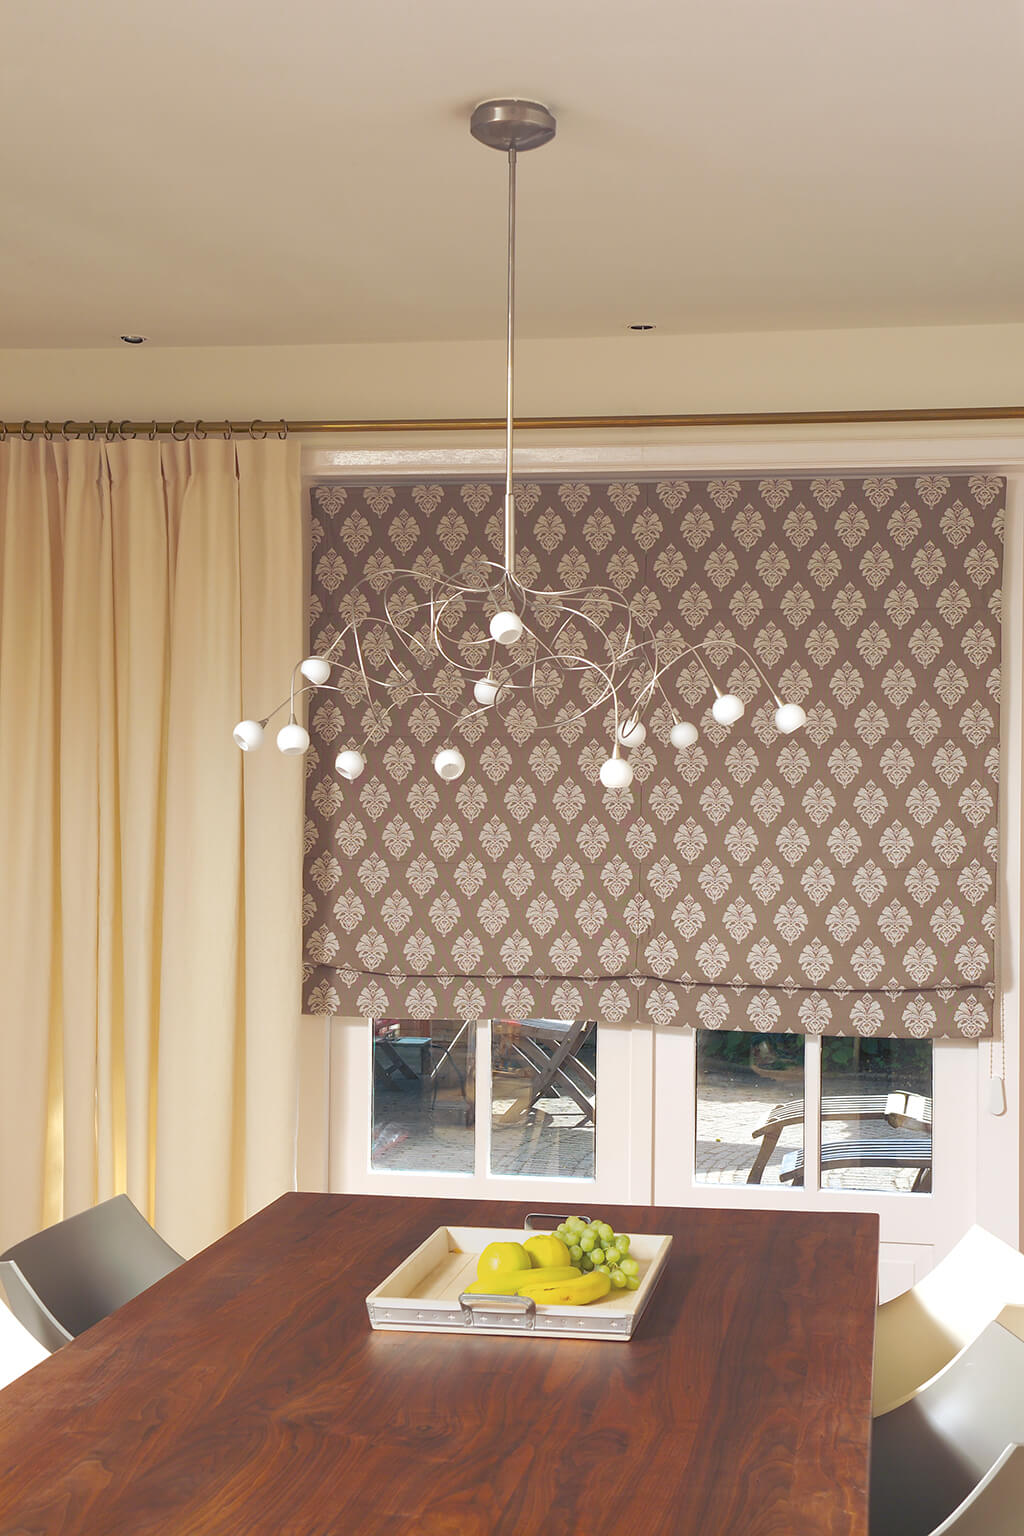 Gemustertes Faltrollo in braun-beige passend zur beigen Gardine am Esszimmerfenster